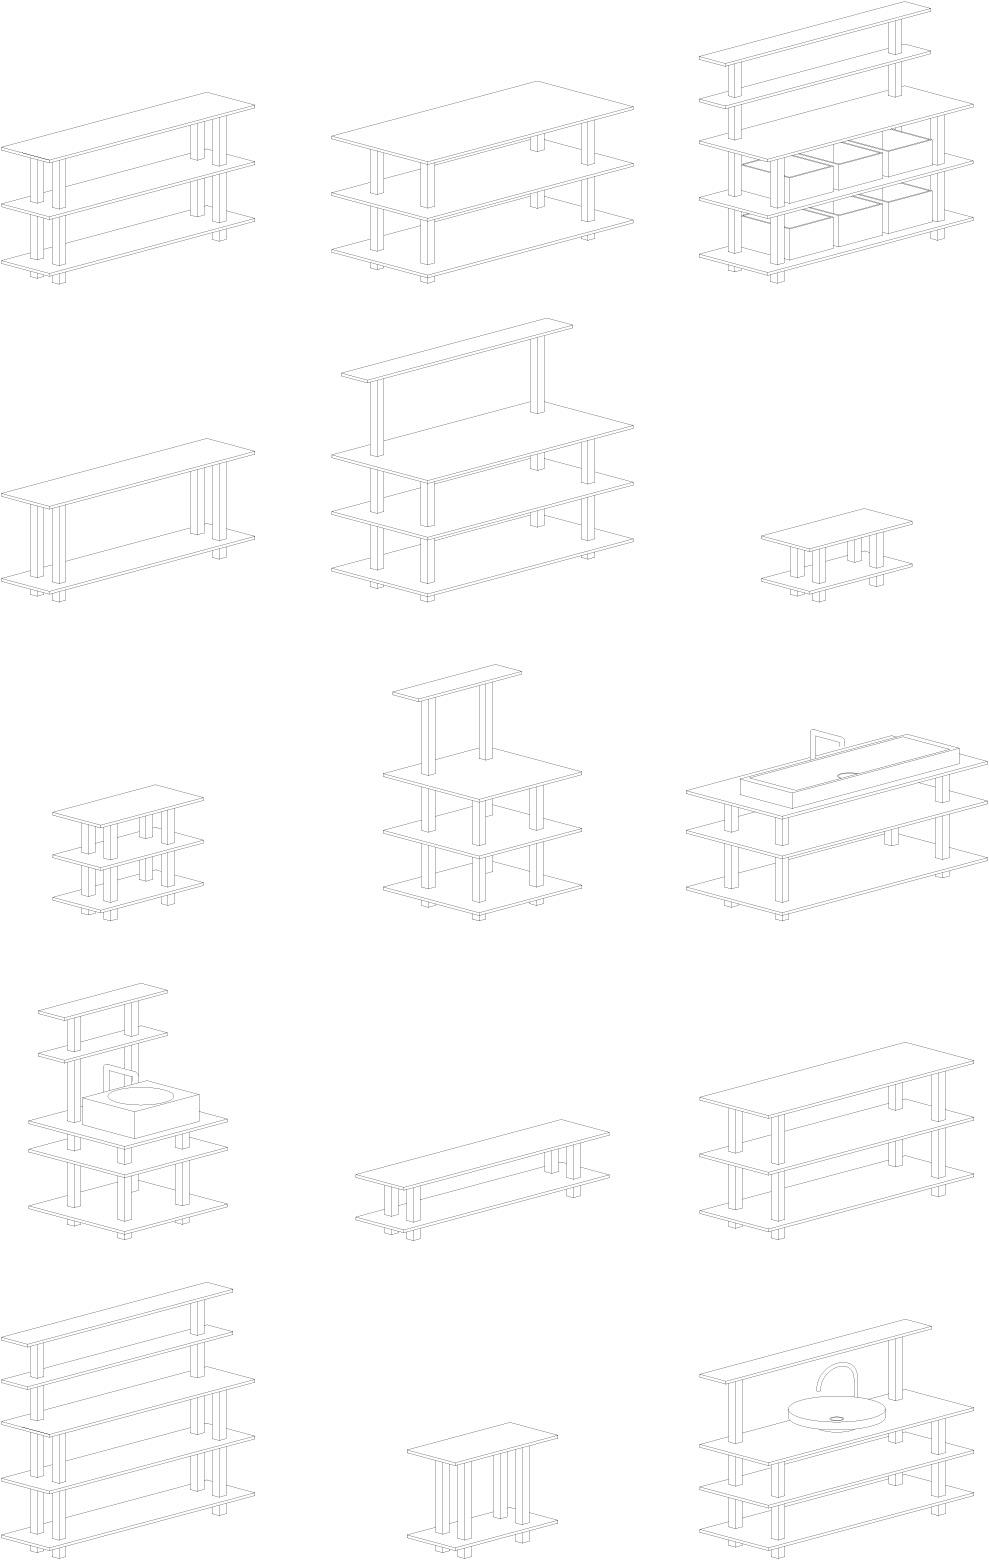 Vue en éclaté des éléments en chêne massif qui composent les meubles Plateforme